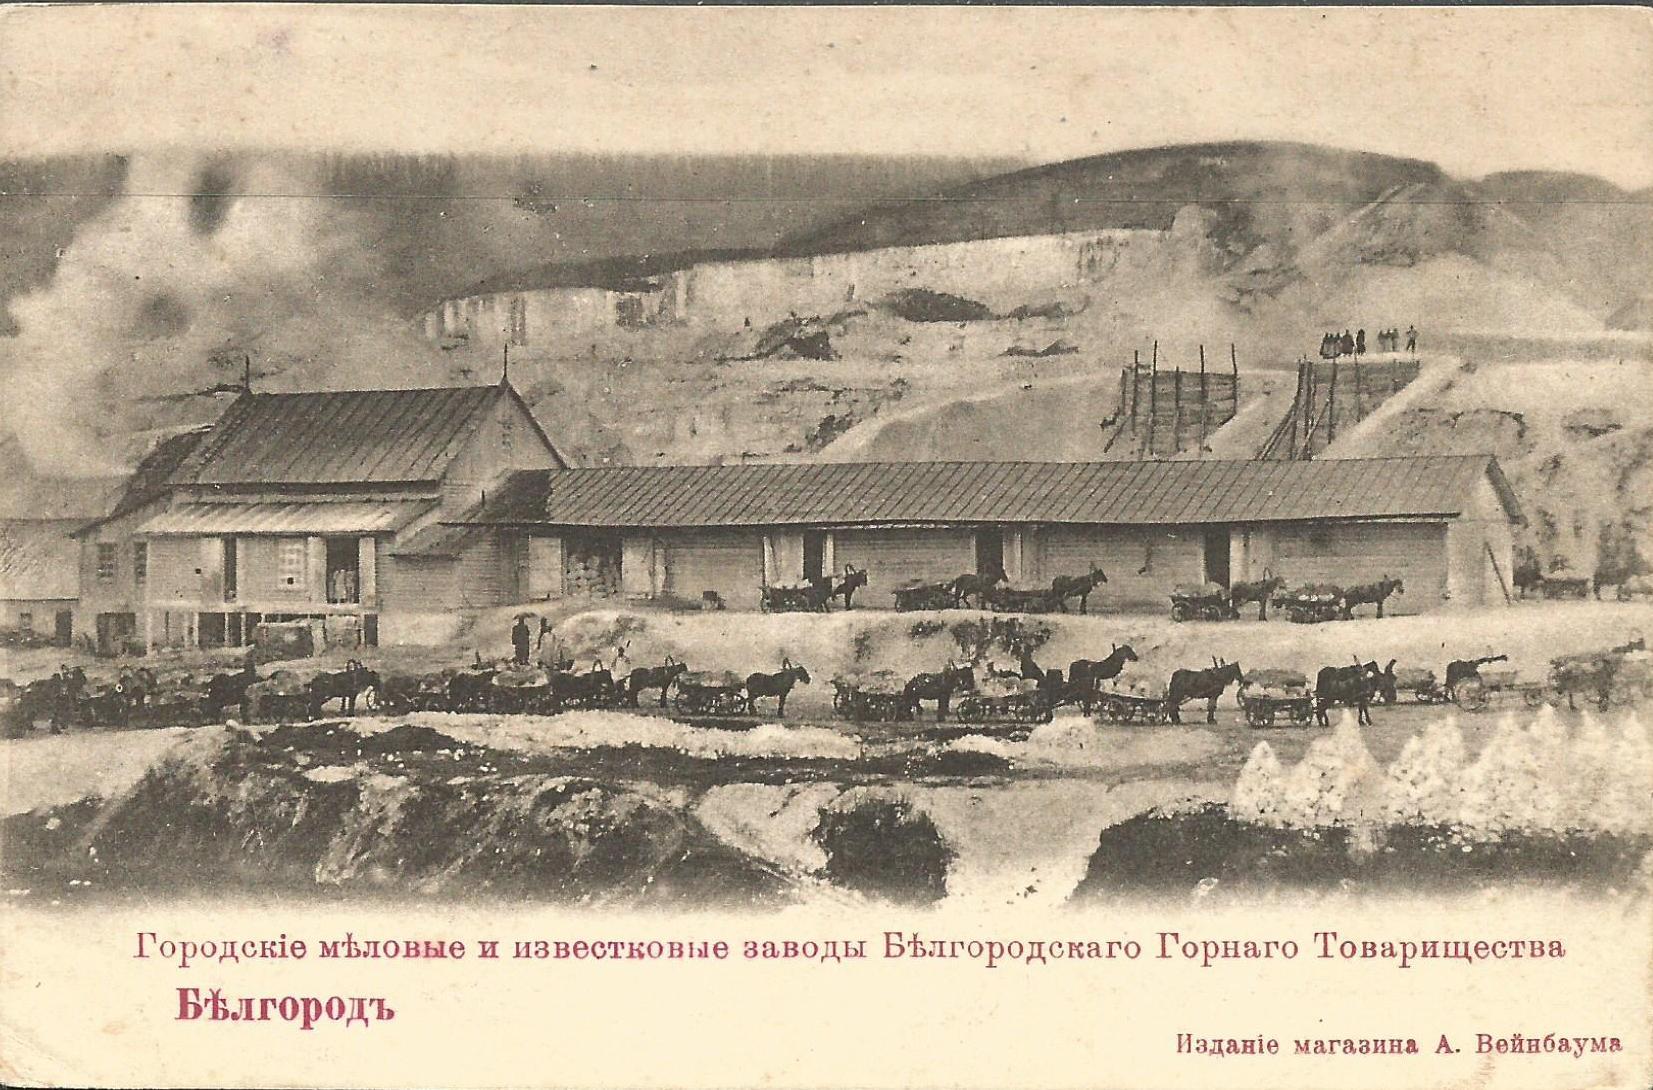 Городские и известковые меловые заводы Белгородского Горного Товарищества